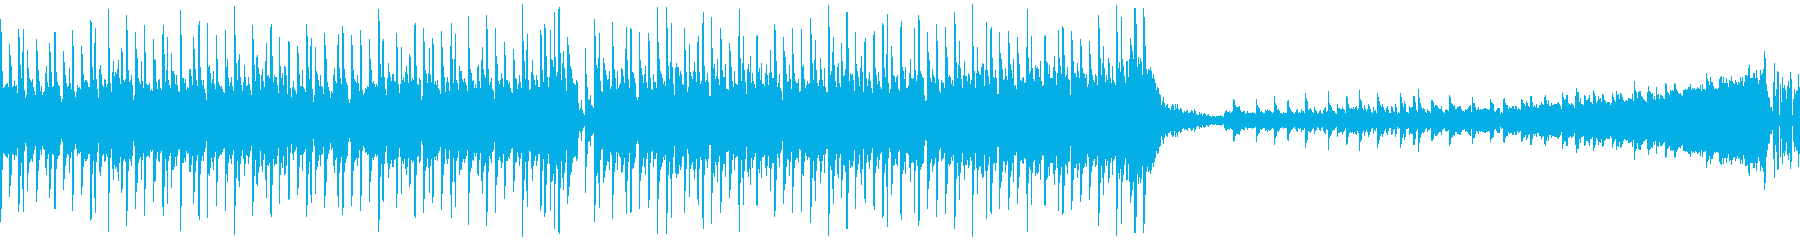 【メロなし/ループ】クール洋楽ハウスの再生済みの波形